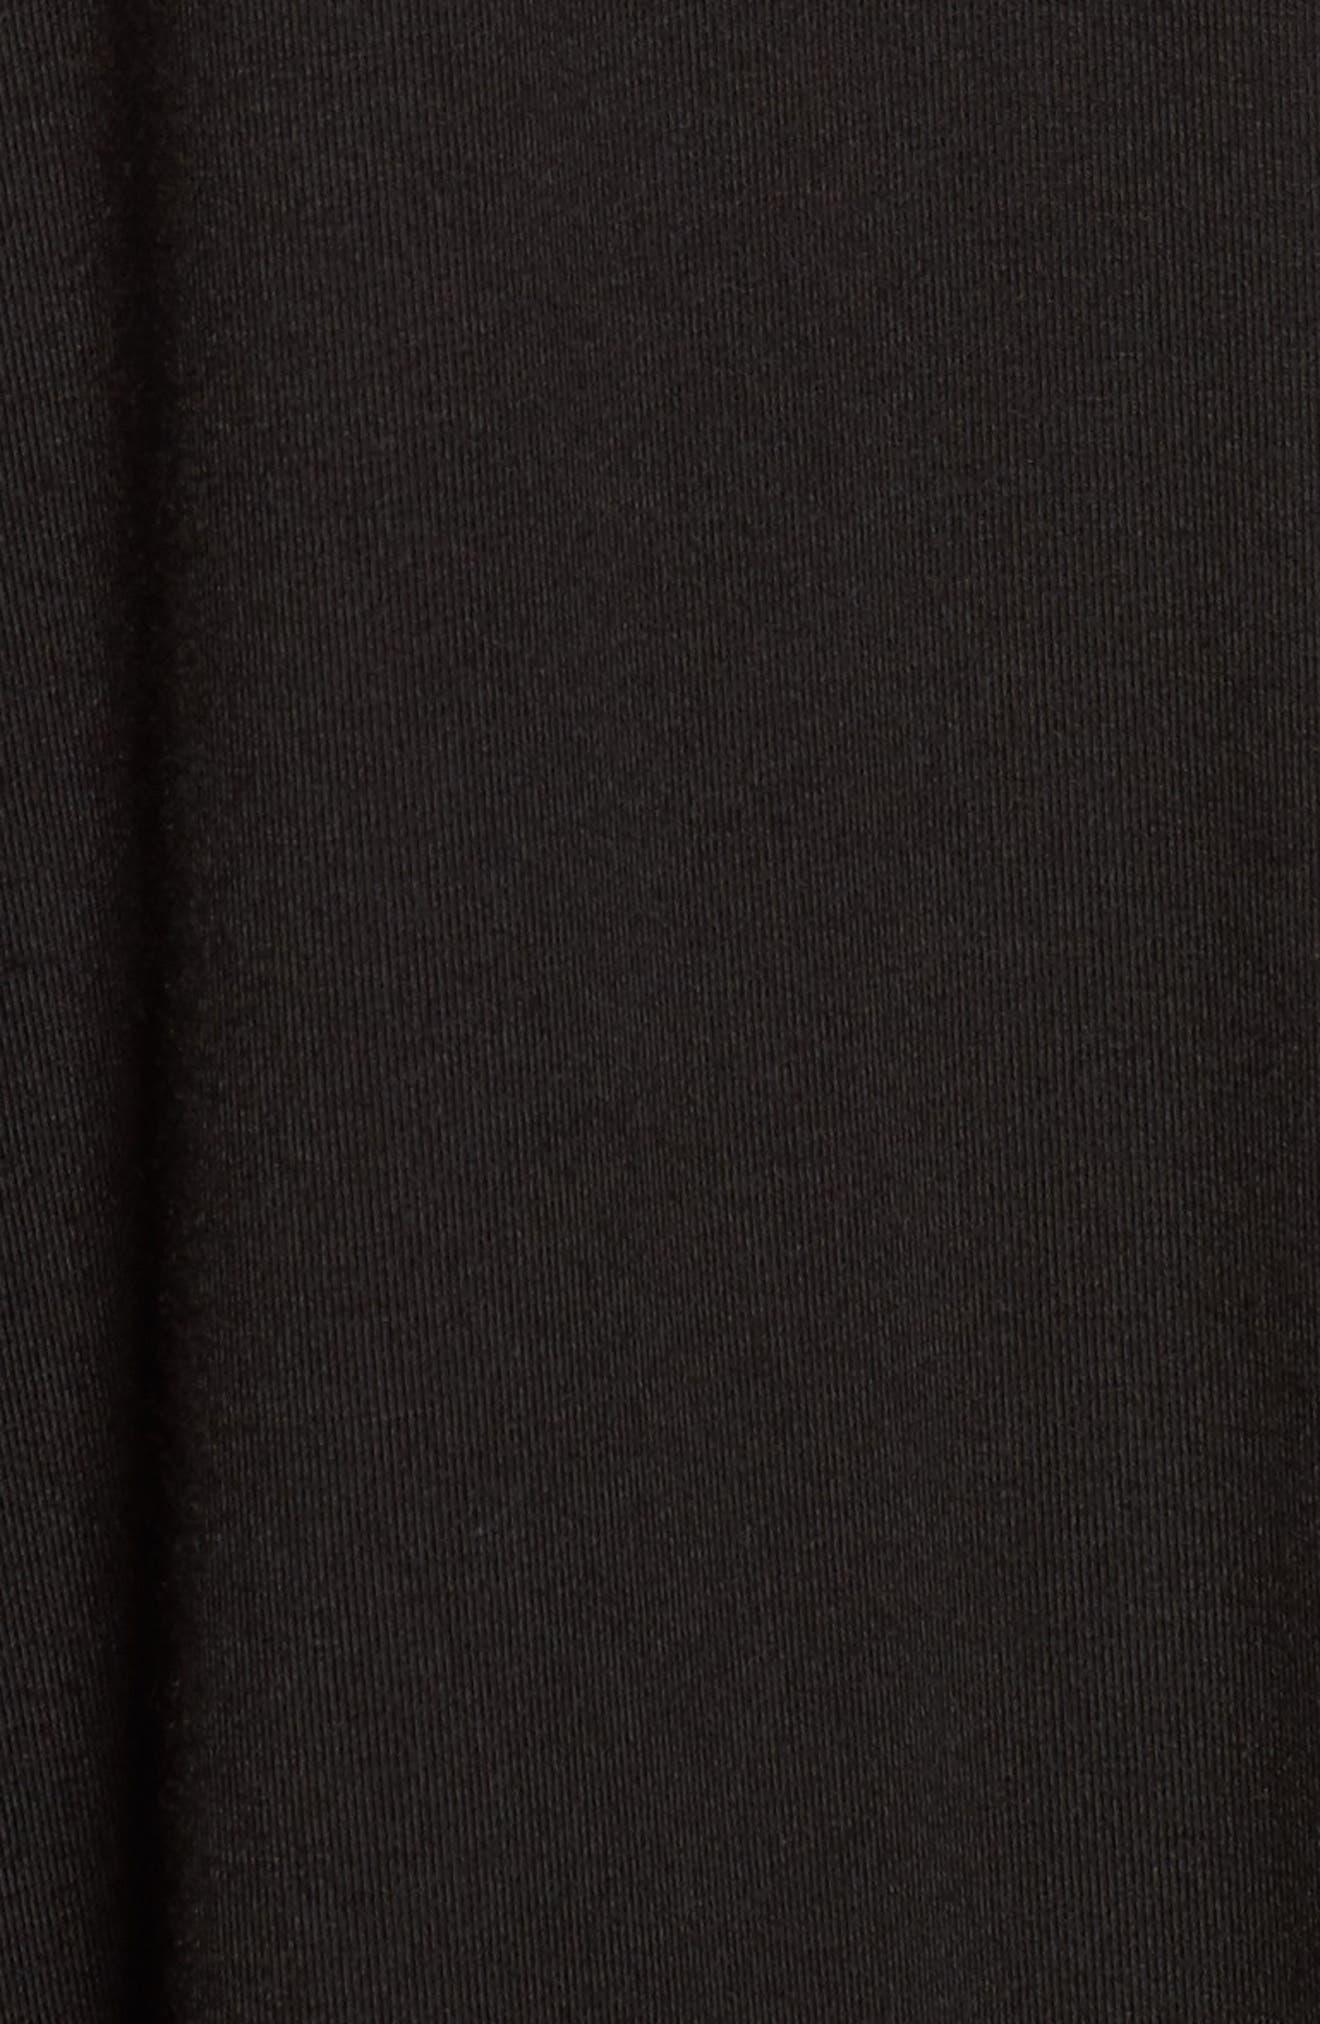 Maxi Dress,                             Alternate thumbnail 7, color,                             BLACK